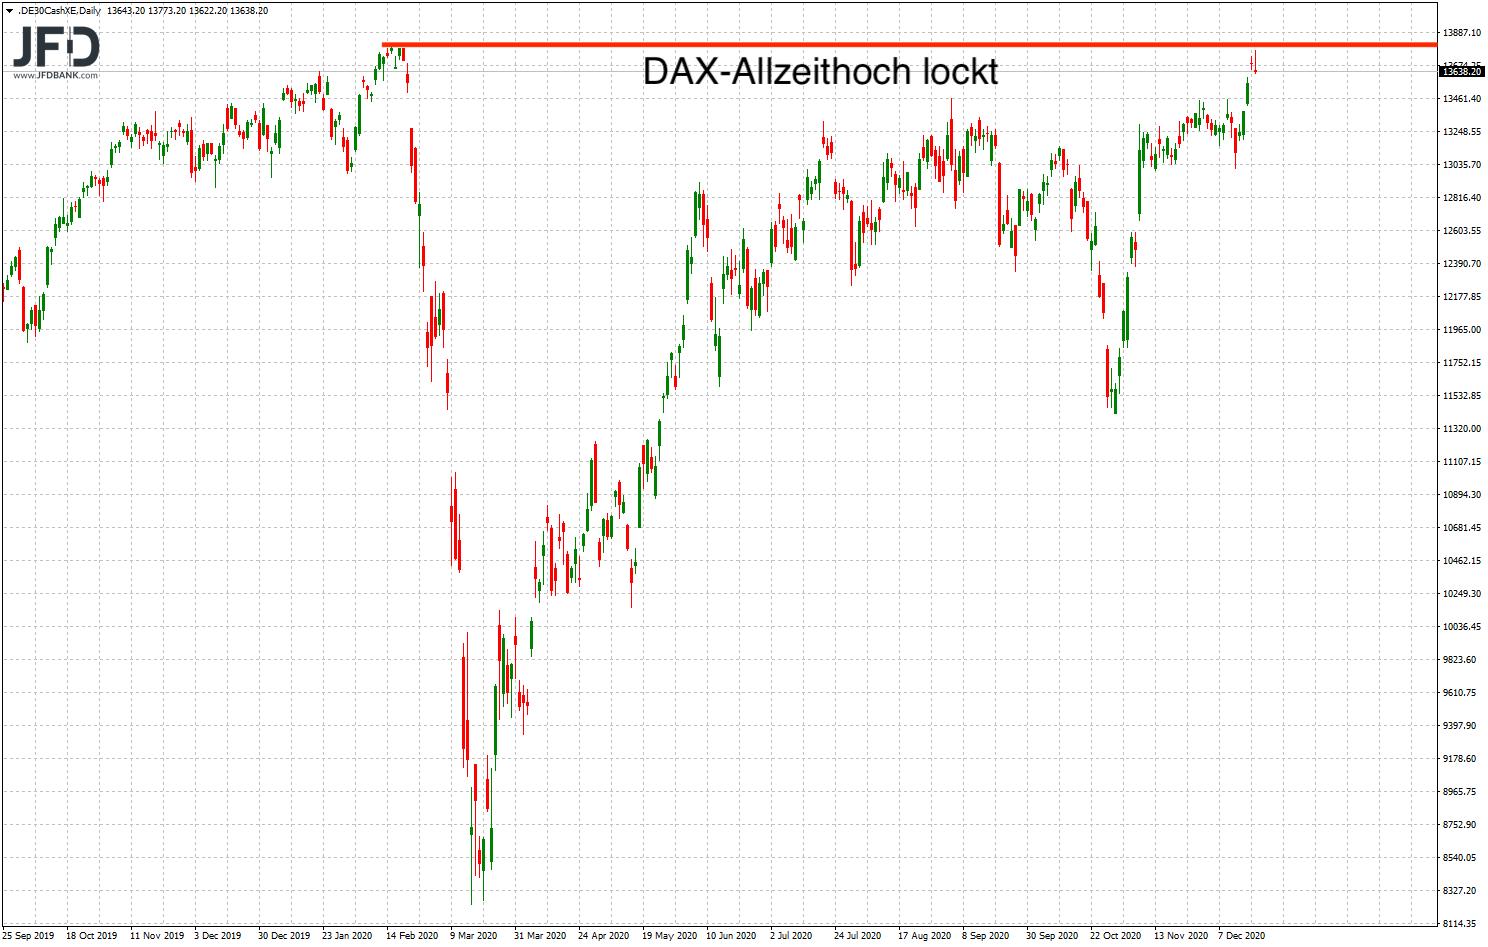 Abstand DAX zum Allzeithoch